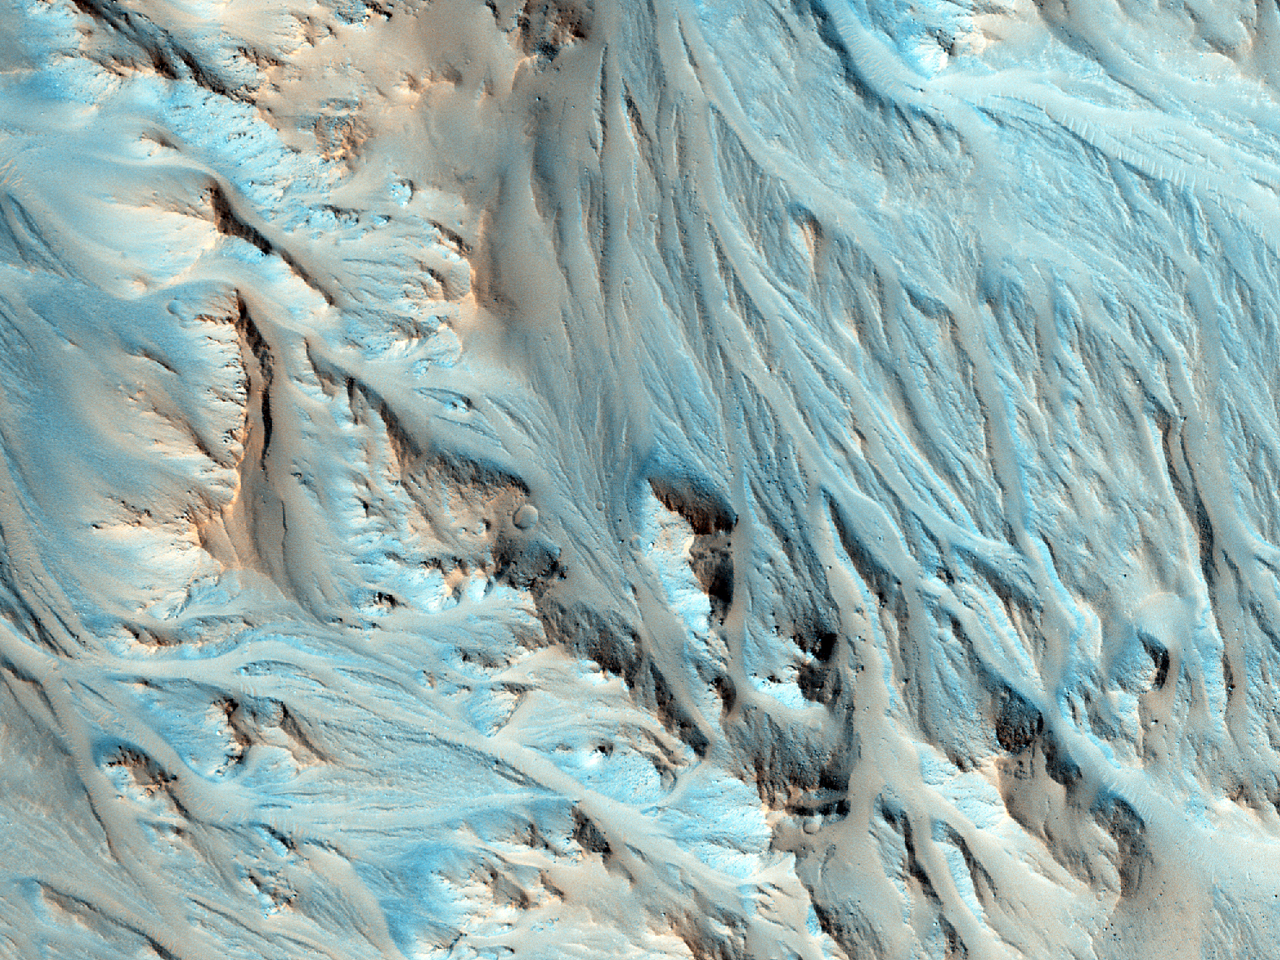 Конус выноса в Юго-Восточной части кратера Mojave